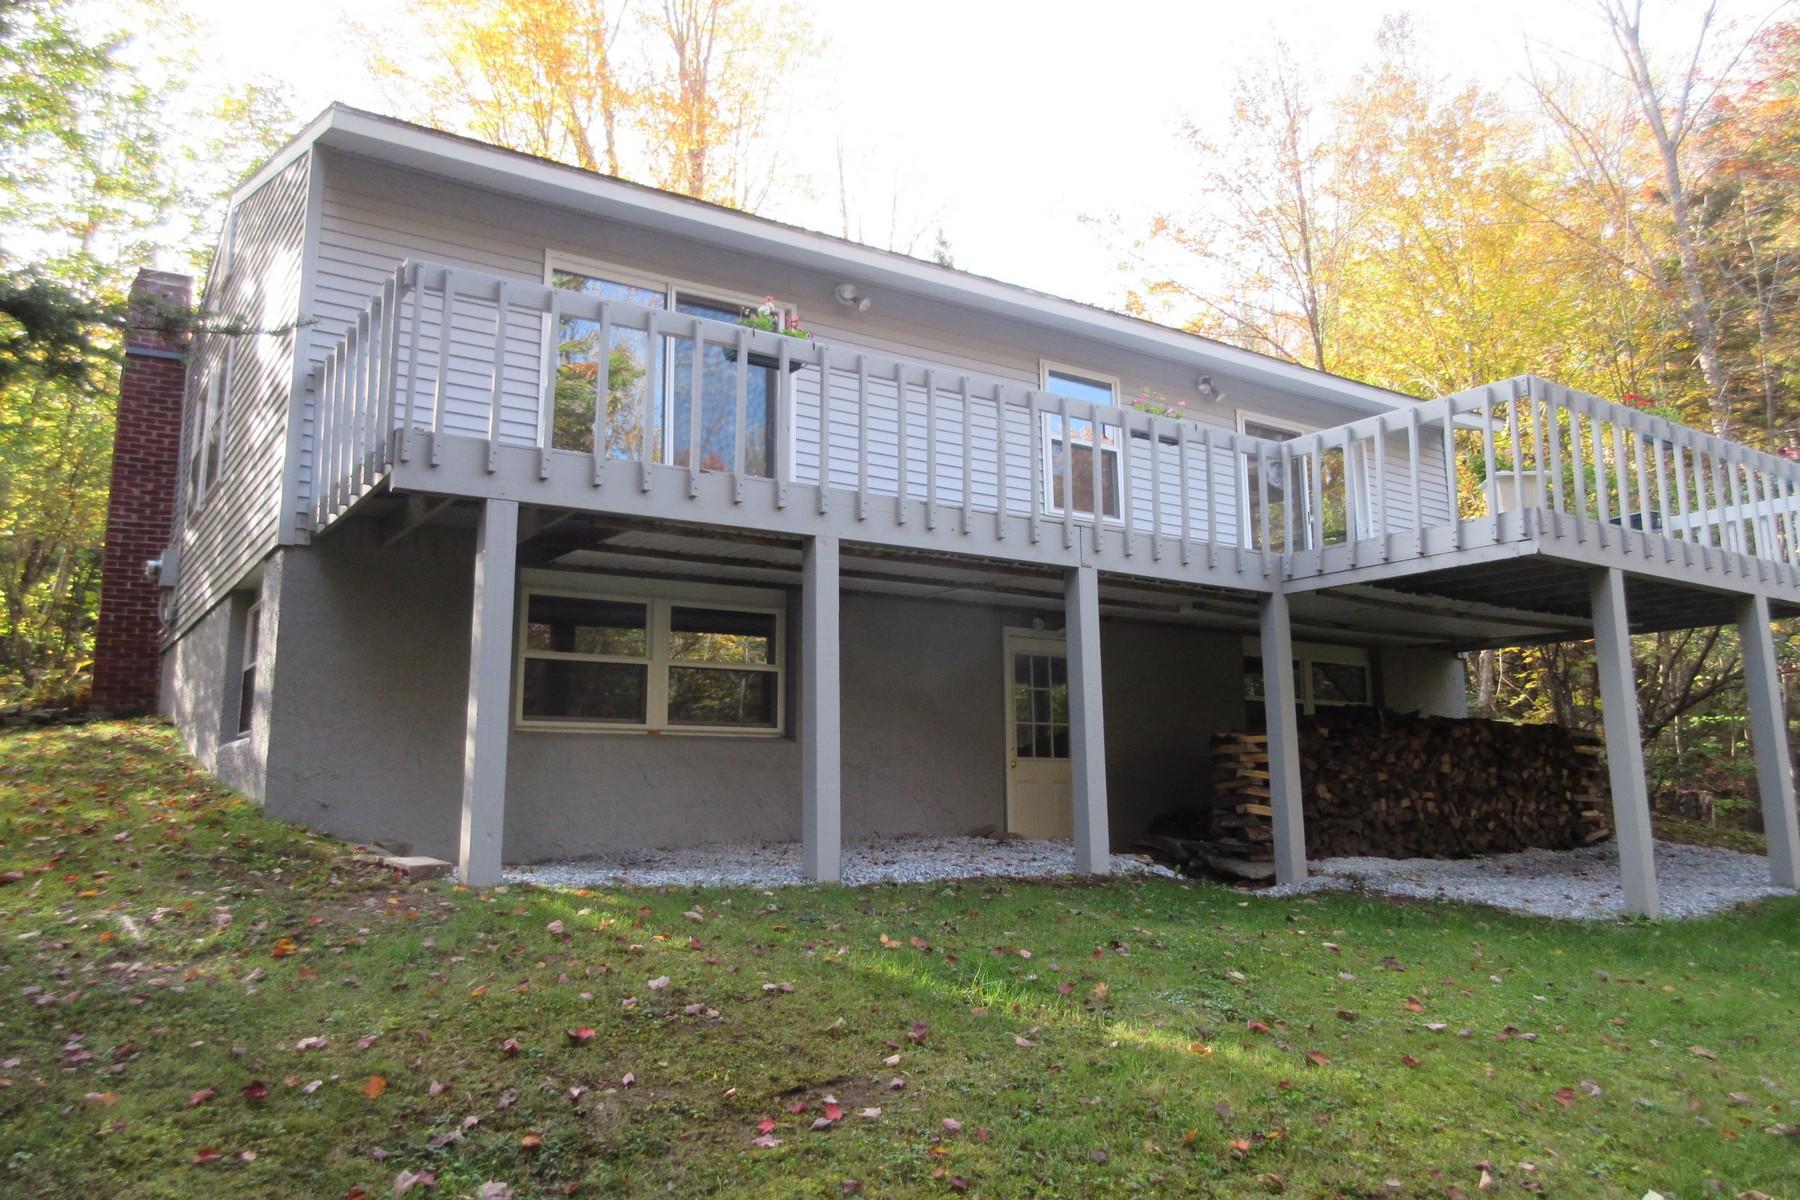 Частный односемейный дом для того Продажа на Furnished & Turnkey -Totally Remodeled! 150 Highland Vw, Weston, Вермонт, 05161 Соединенные Штаты